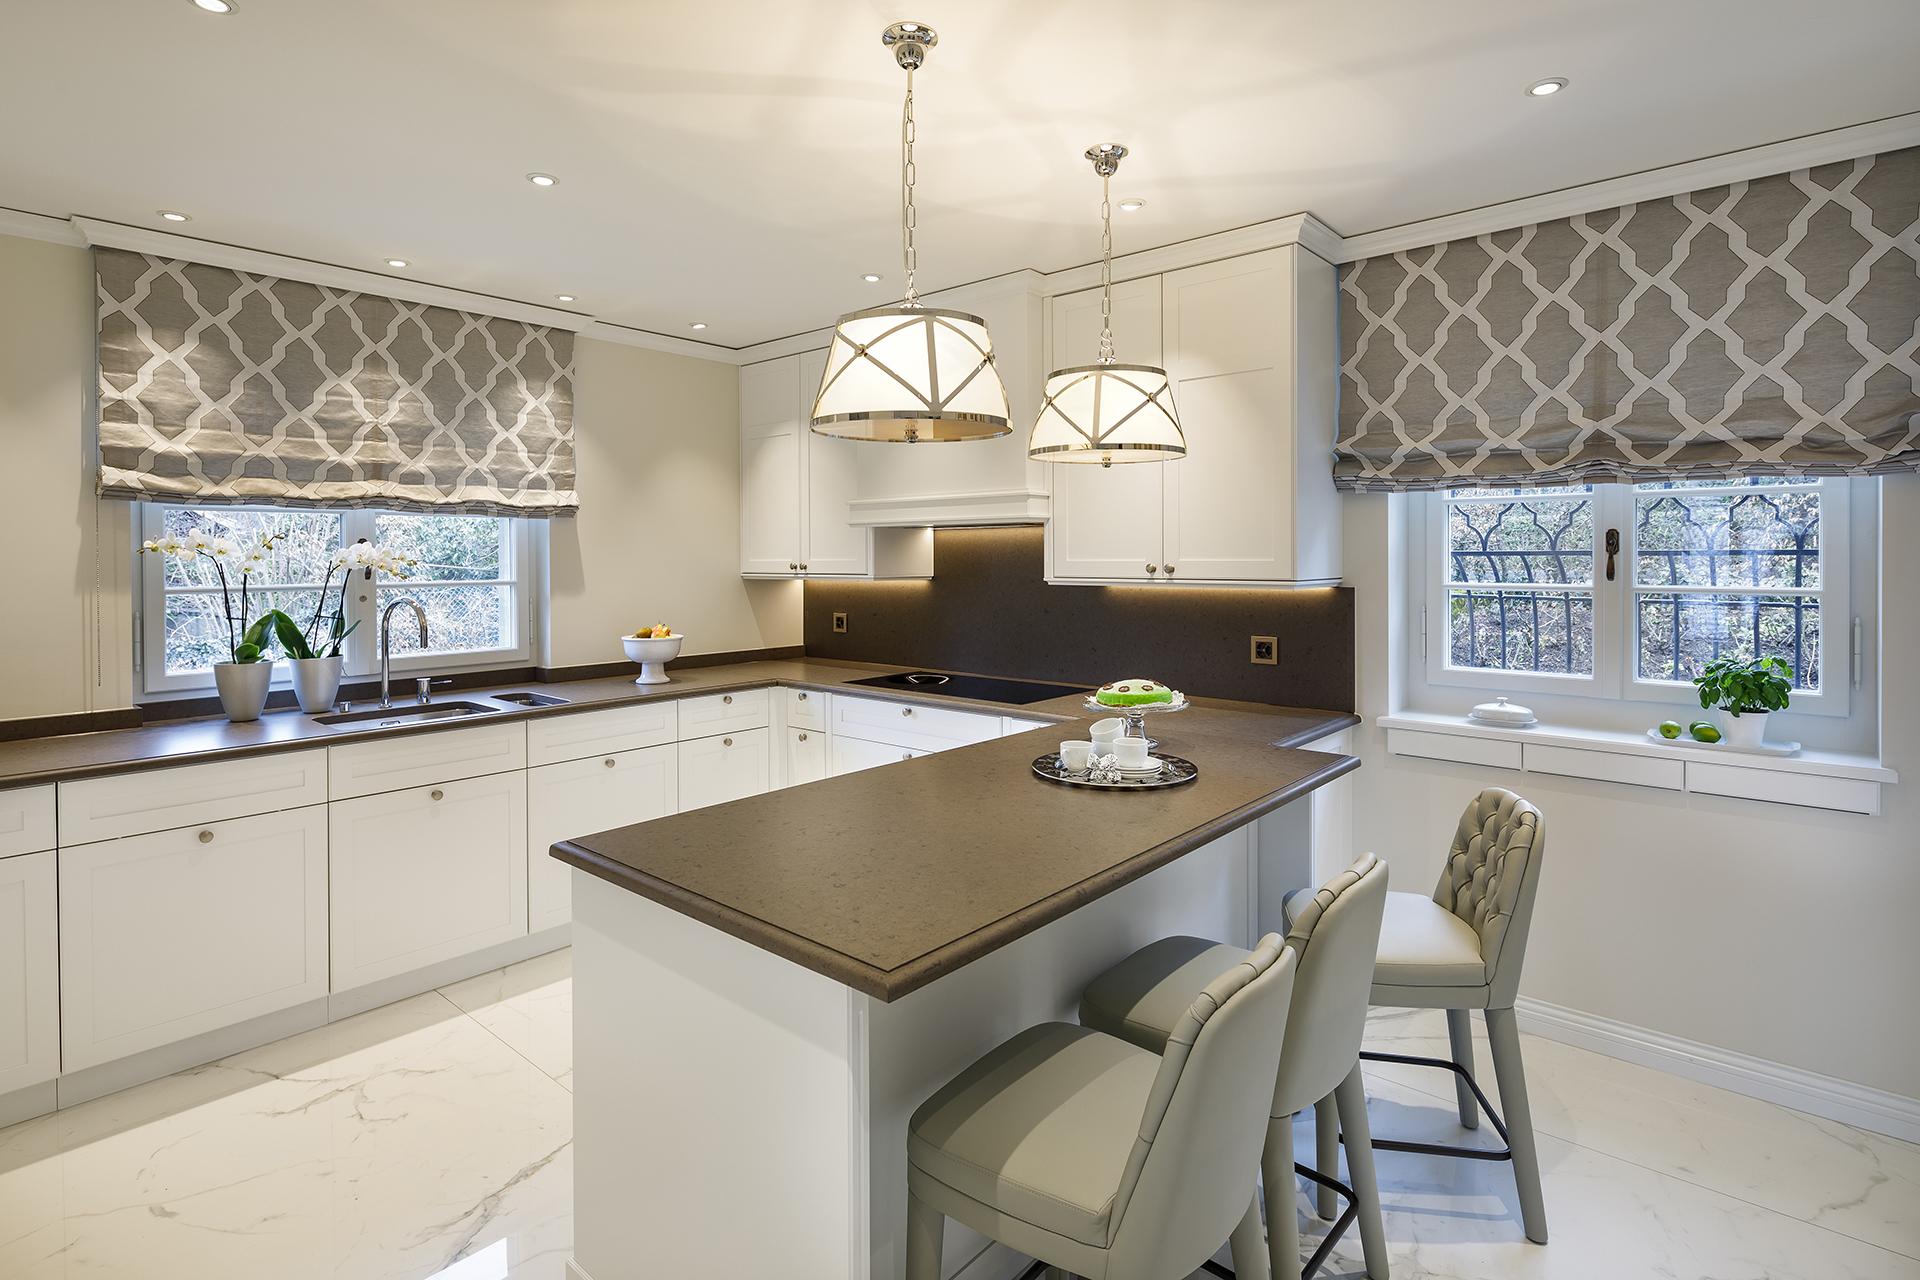 Zollikon Scheuber Küche Vorhänge Beleuchtung Zimmer und Rhode